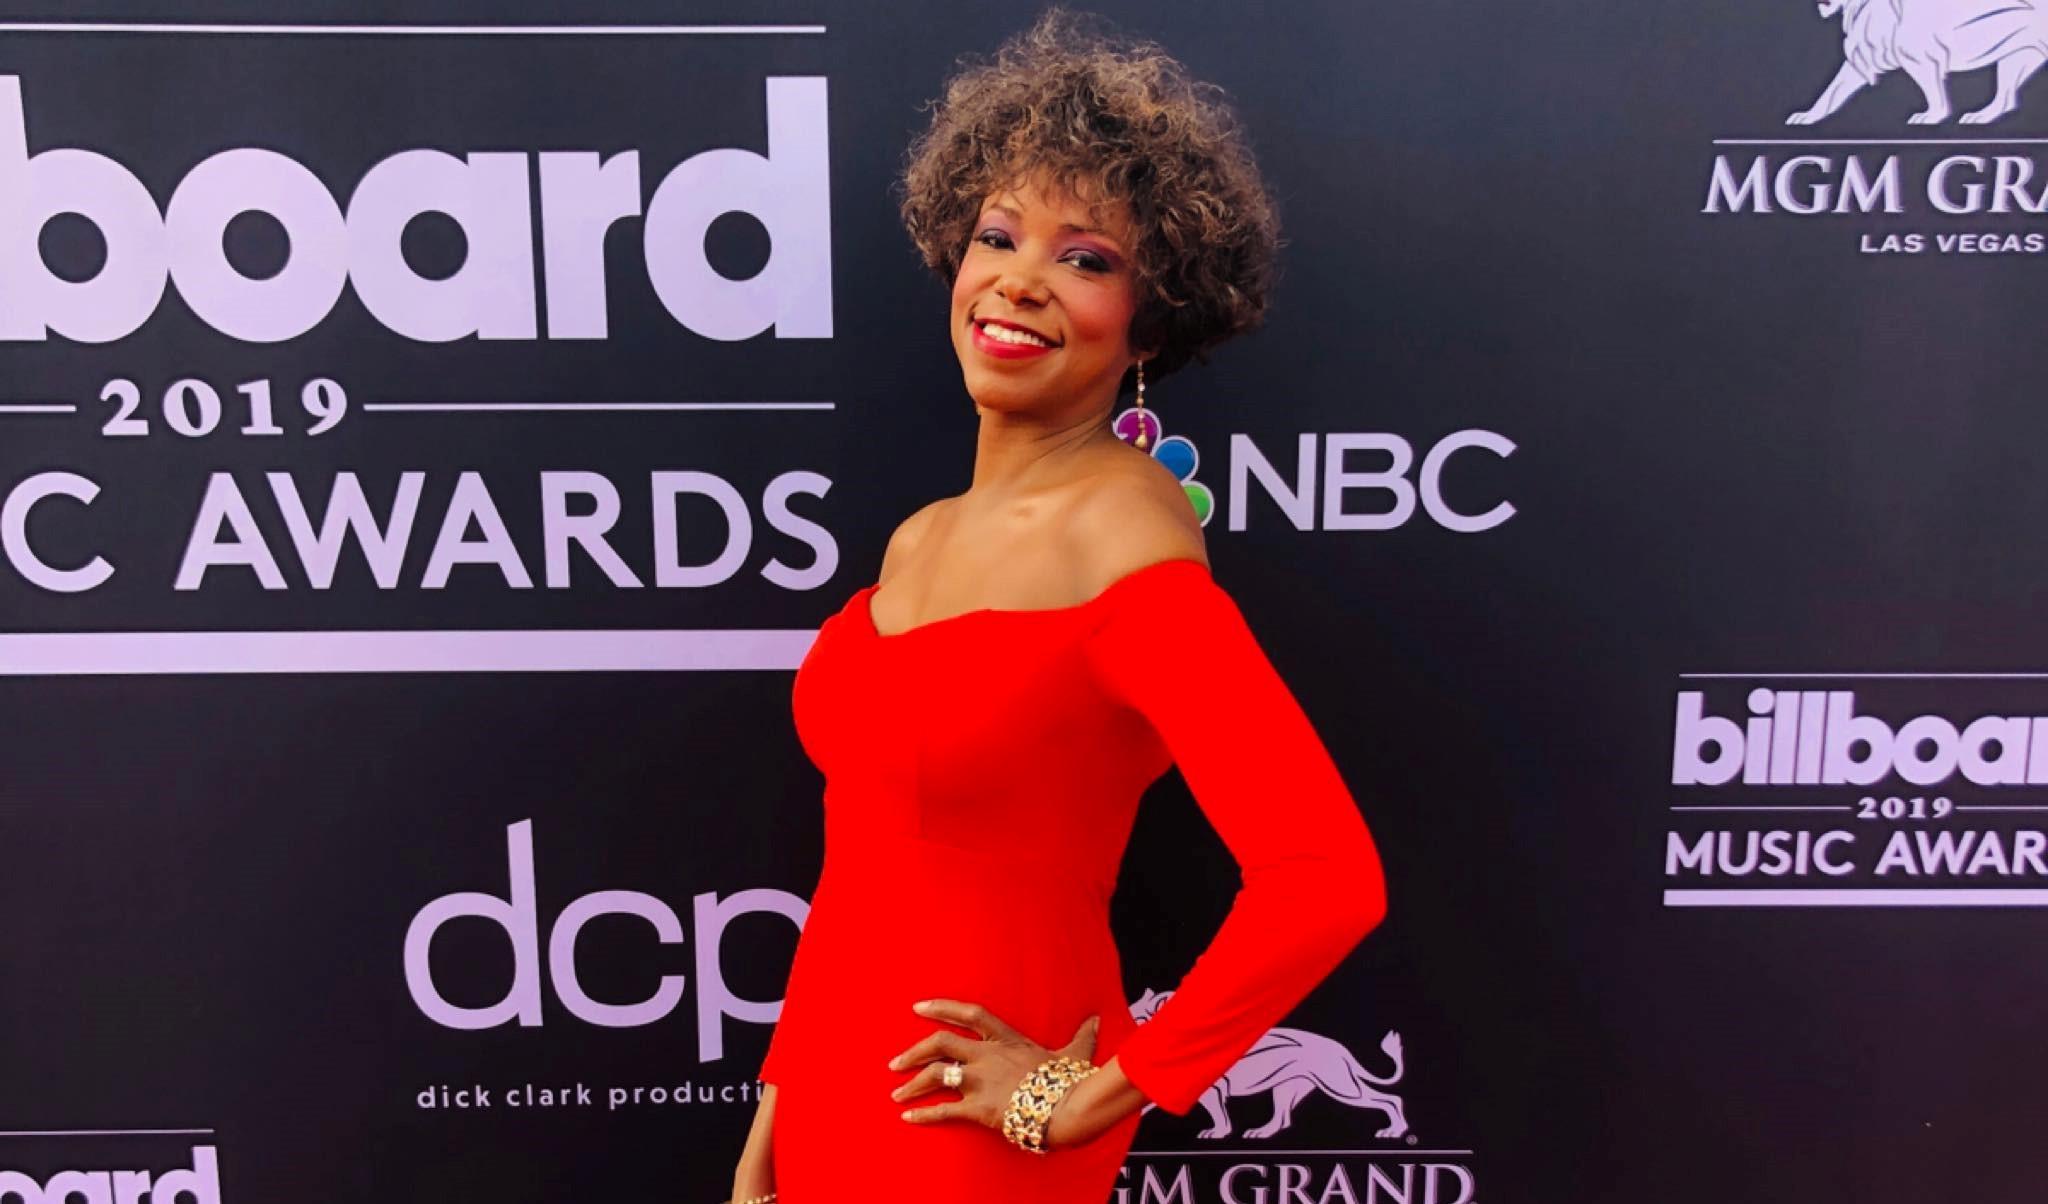 Legends in Concert 2019, Whitney Houston Impersonator 2019, Whitney Houston Impersonator Las Vegas, Whitney Houston Impersonator Jazmine